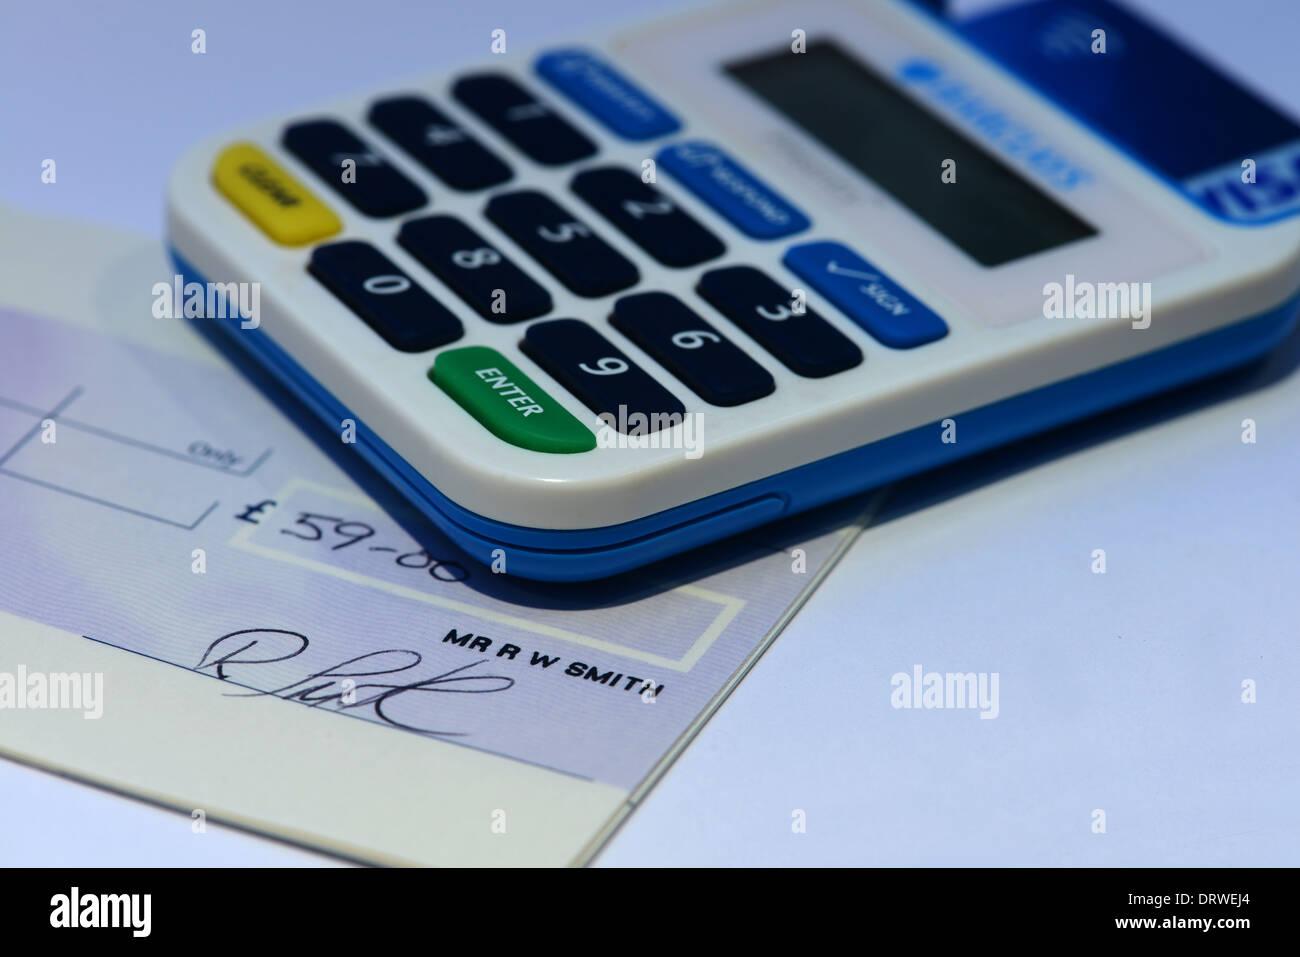 Barclays Bank Pin Sentry-Kartenlesegerät, das verhindert, dass Internet-Betrug und half den Niedergang des Schecks als Zahlungsmittel. Stockbild